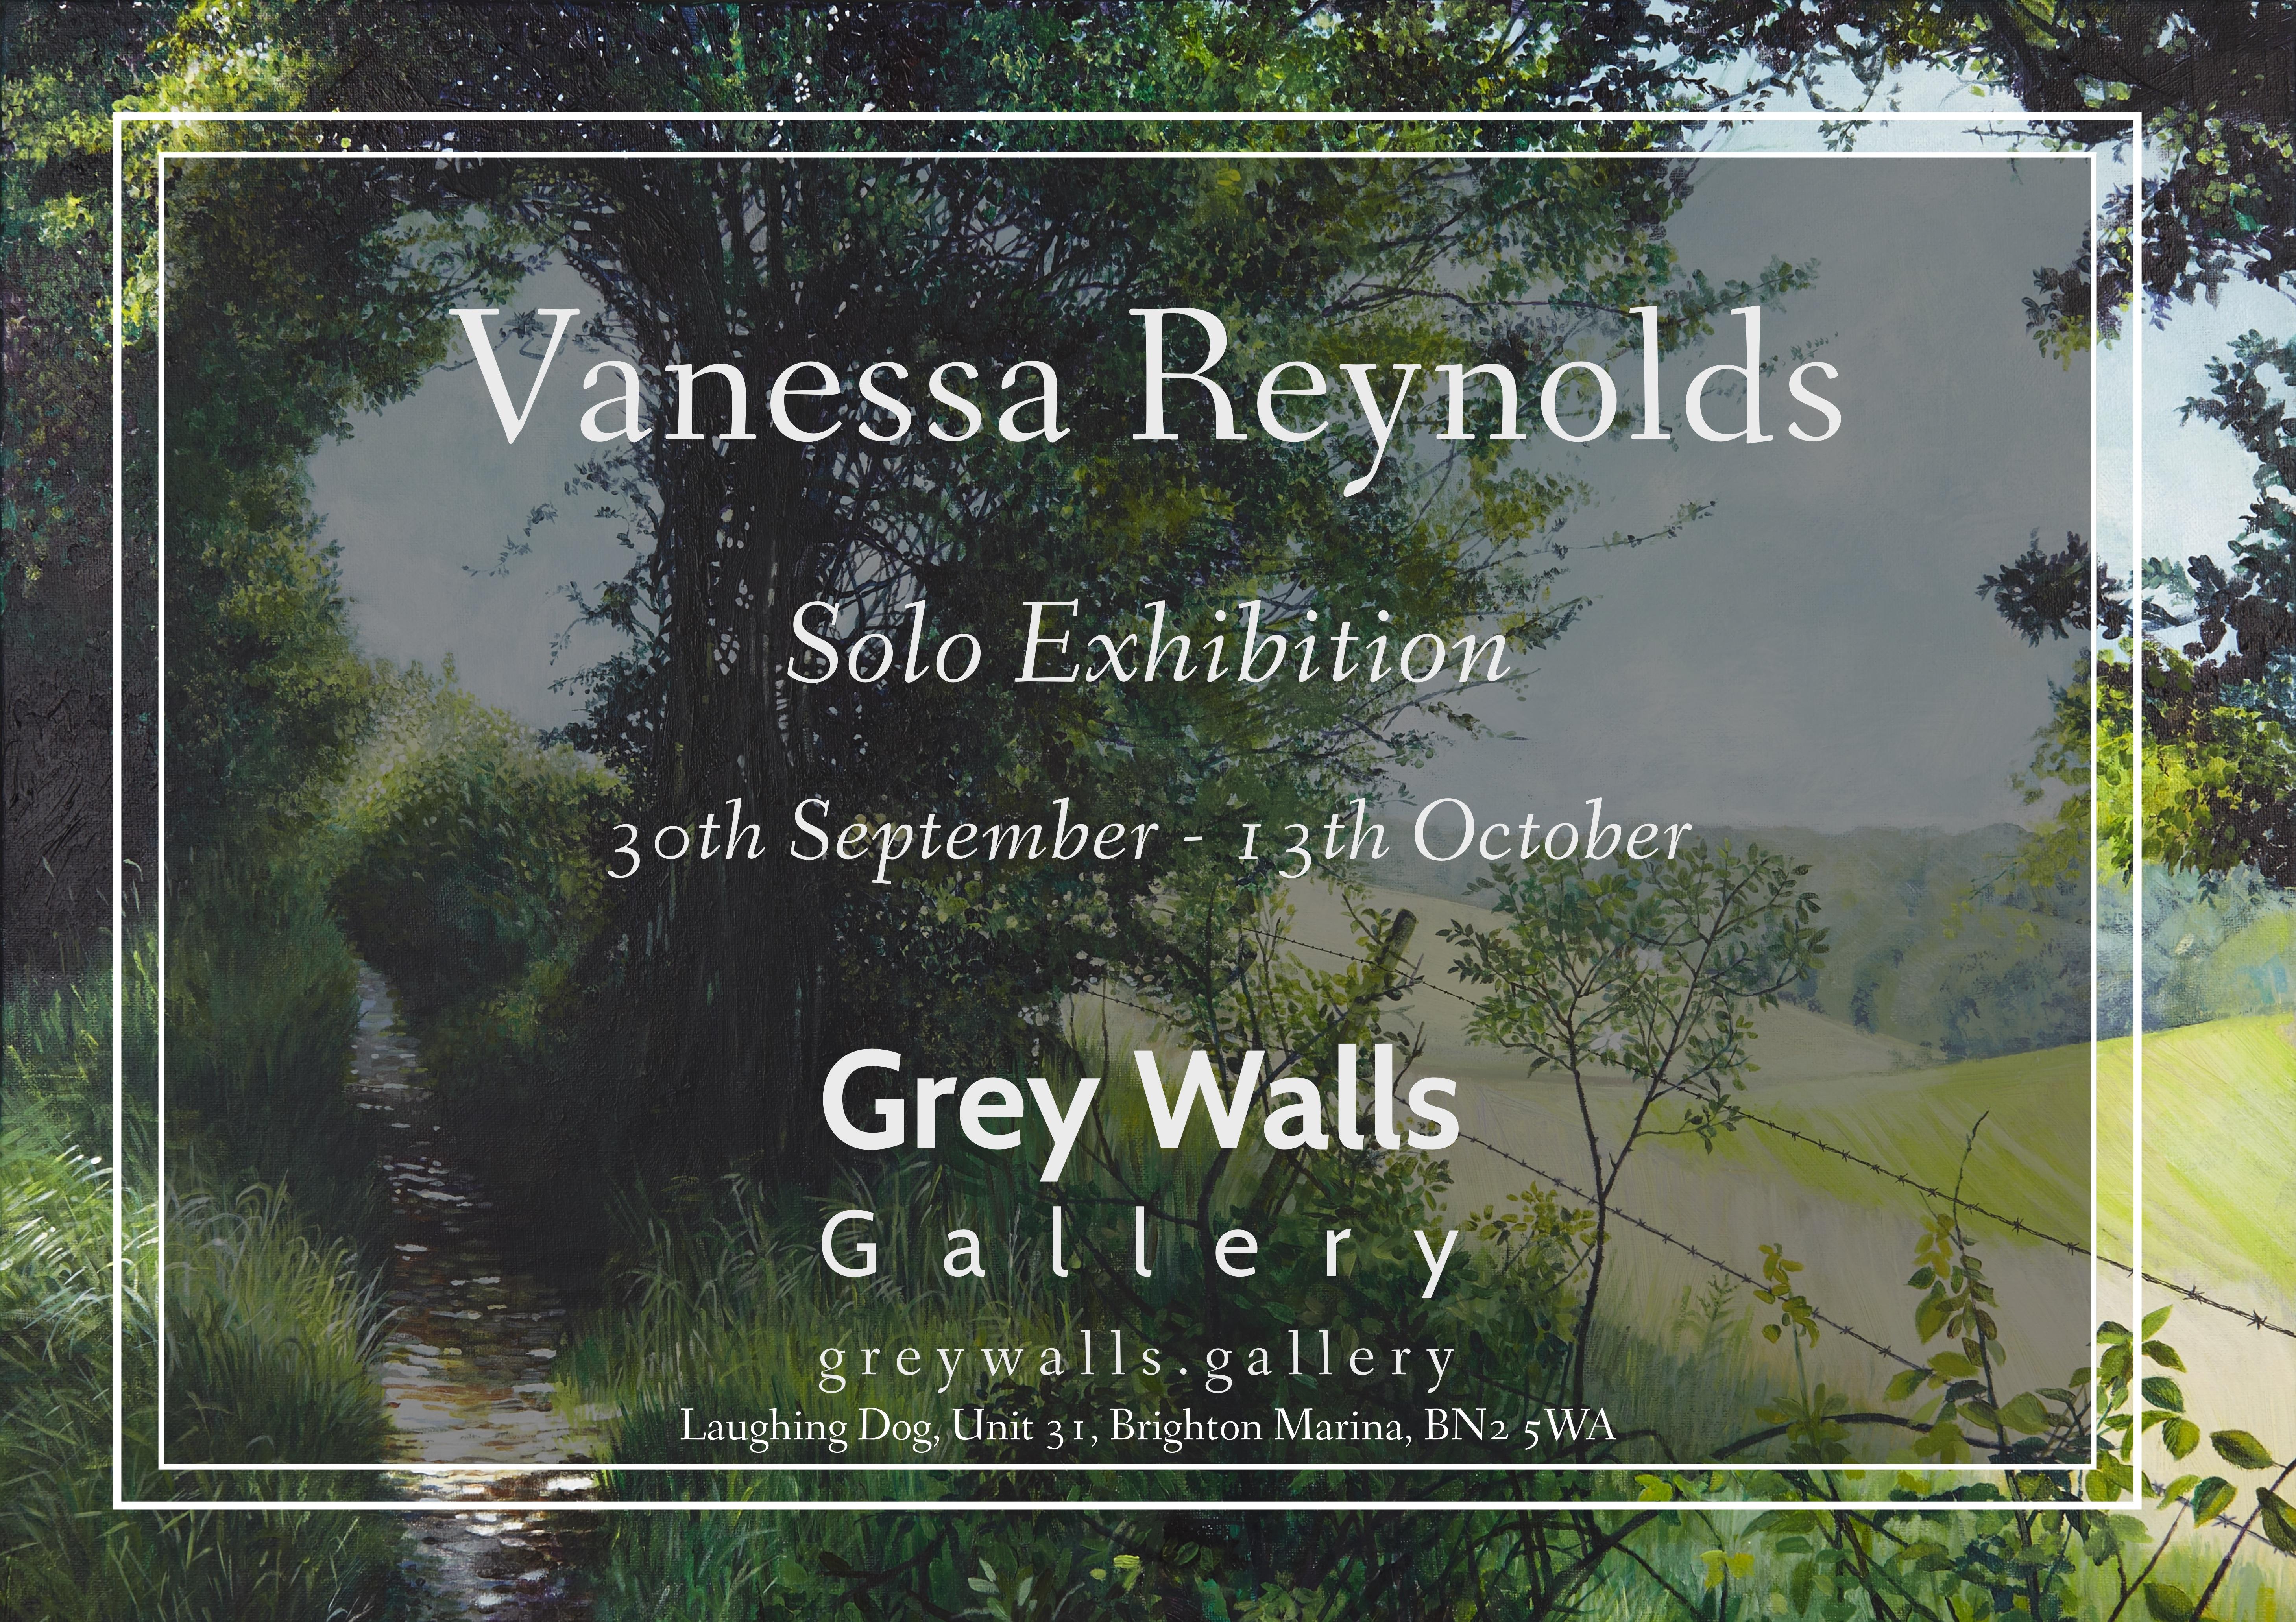 Vanessa Reynolds